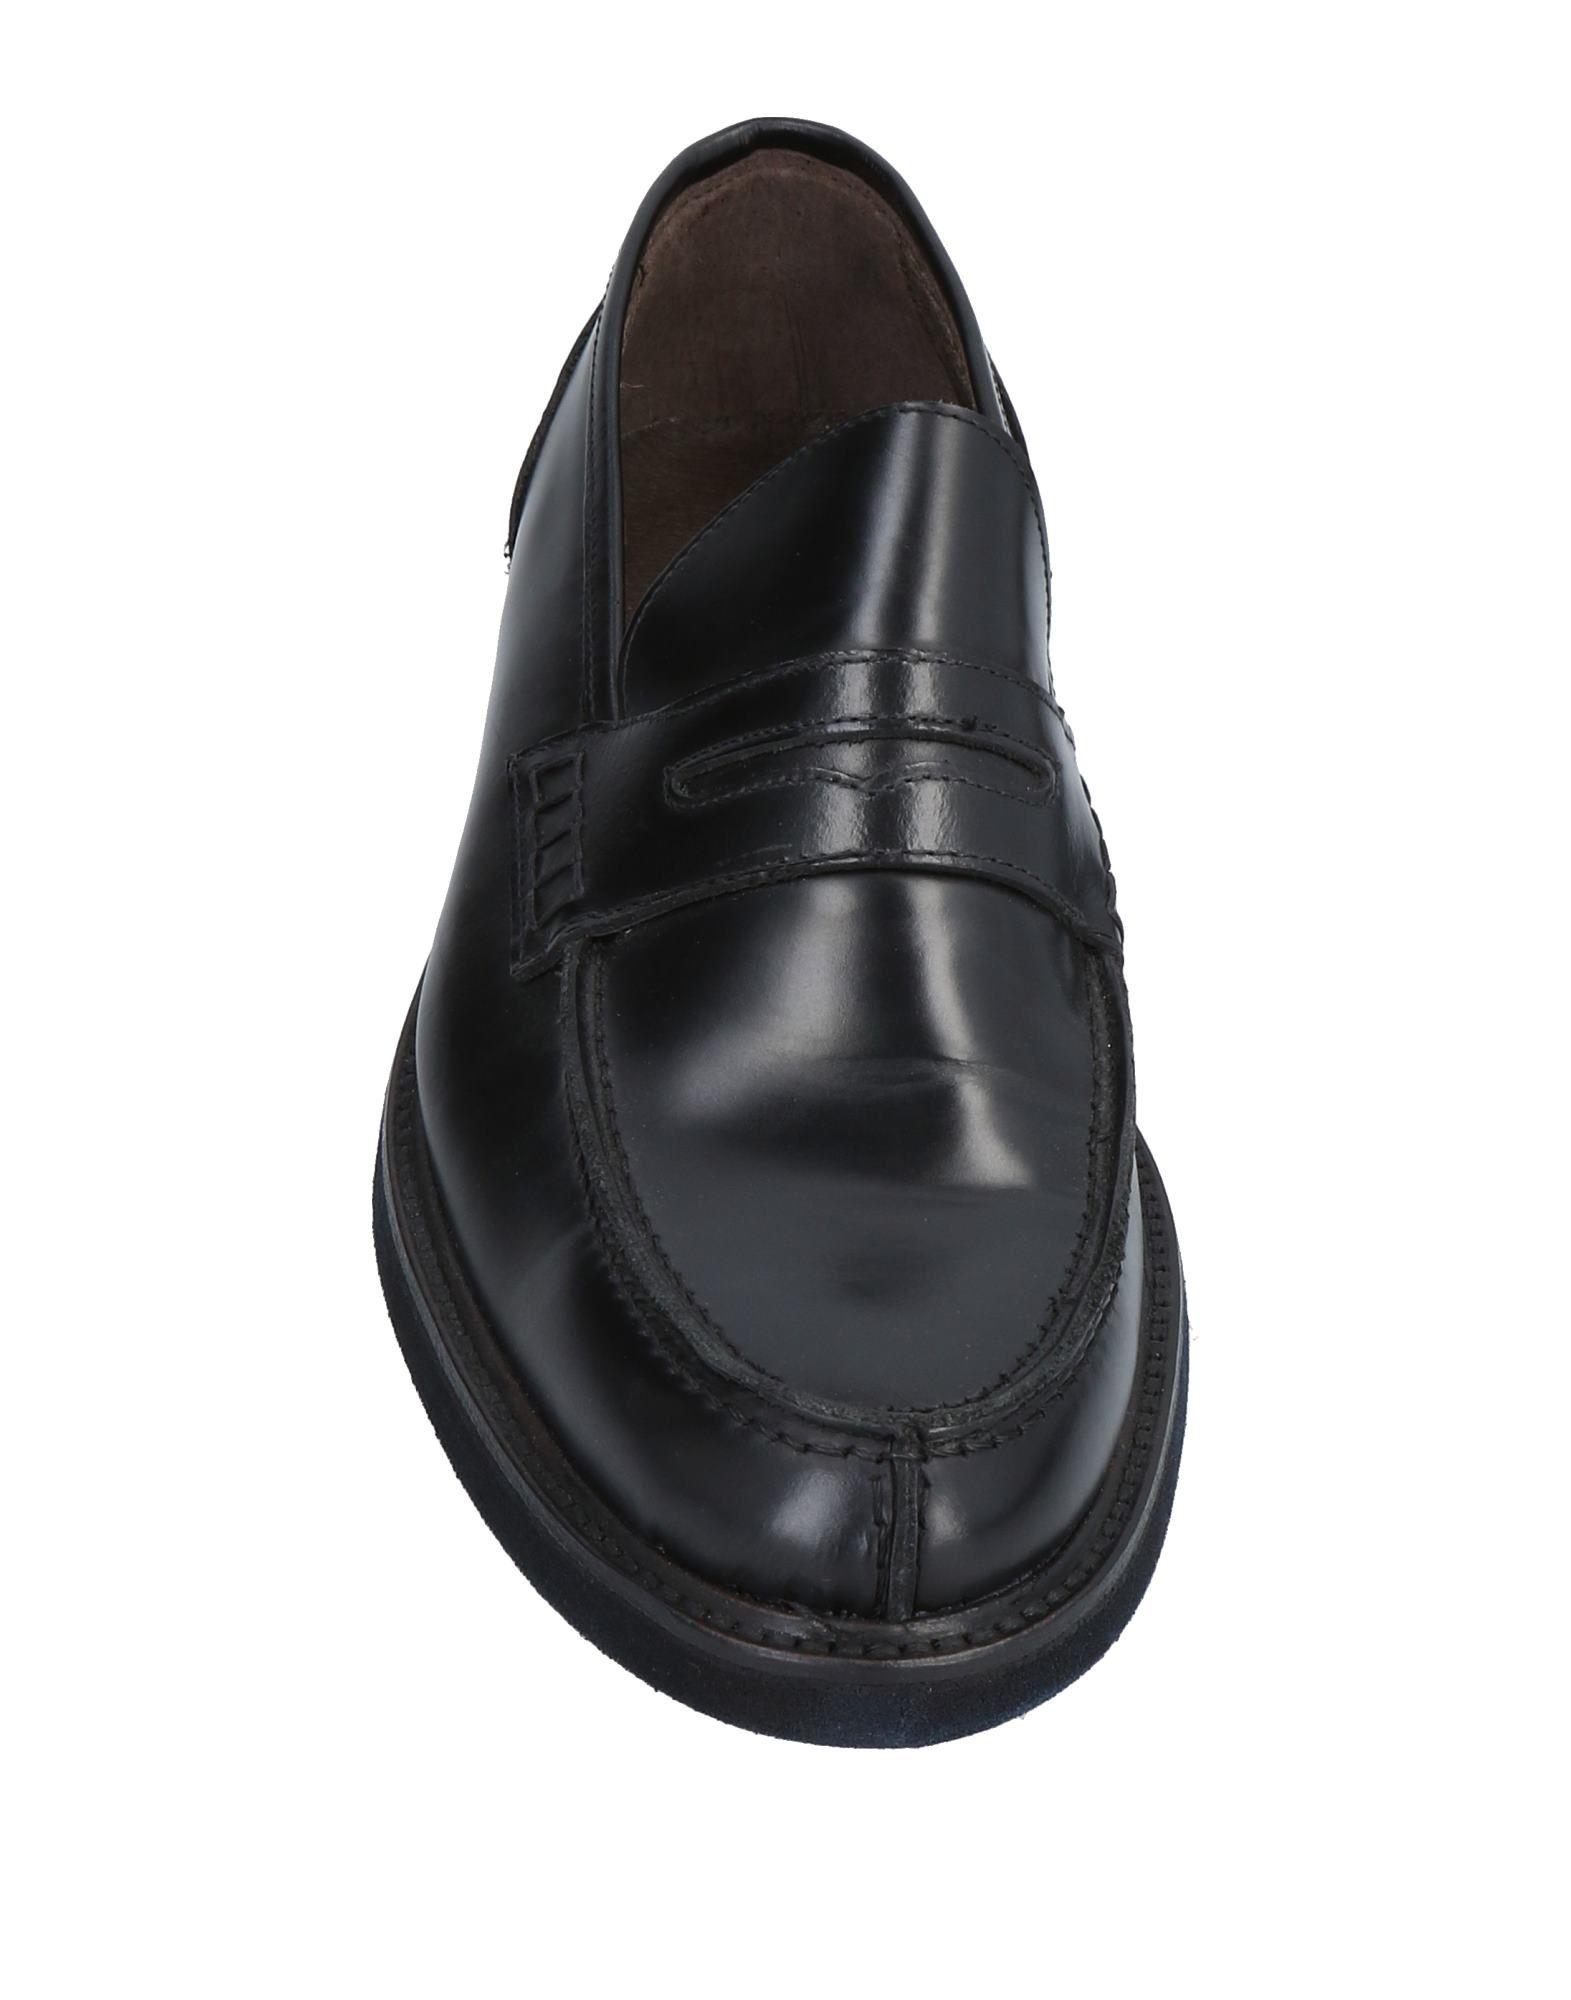 Rabatt Mokassins echte Schuhe Il Calzolaio Mokassins Rabatt Herren  11475492IX 6cc971